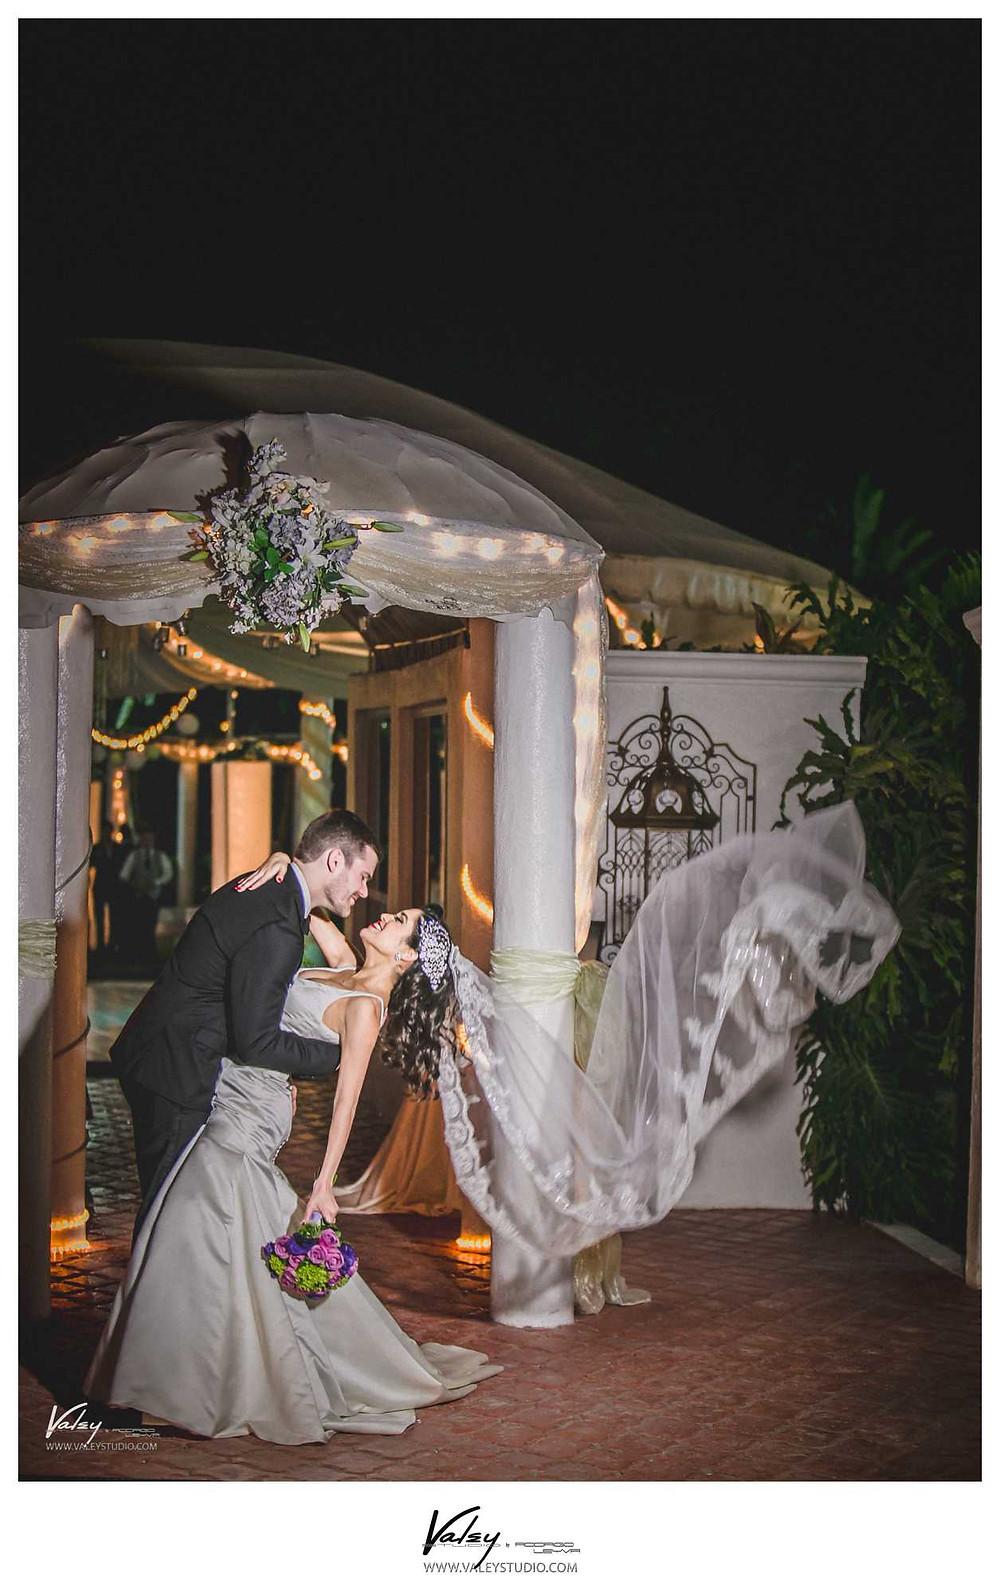 wedding-valeystudio-real-del-rio-tijuana-44.jpg